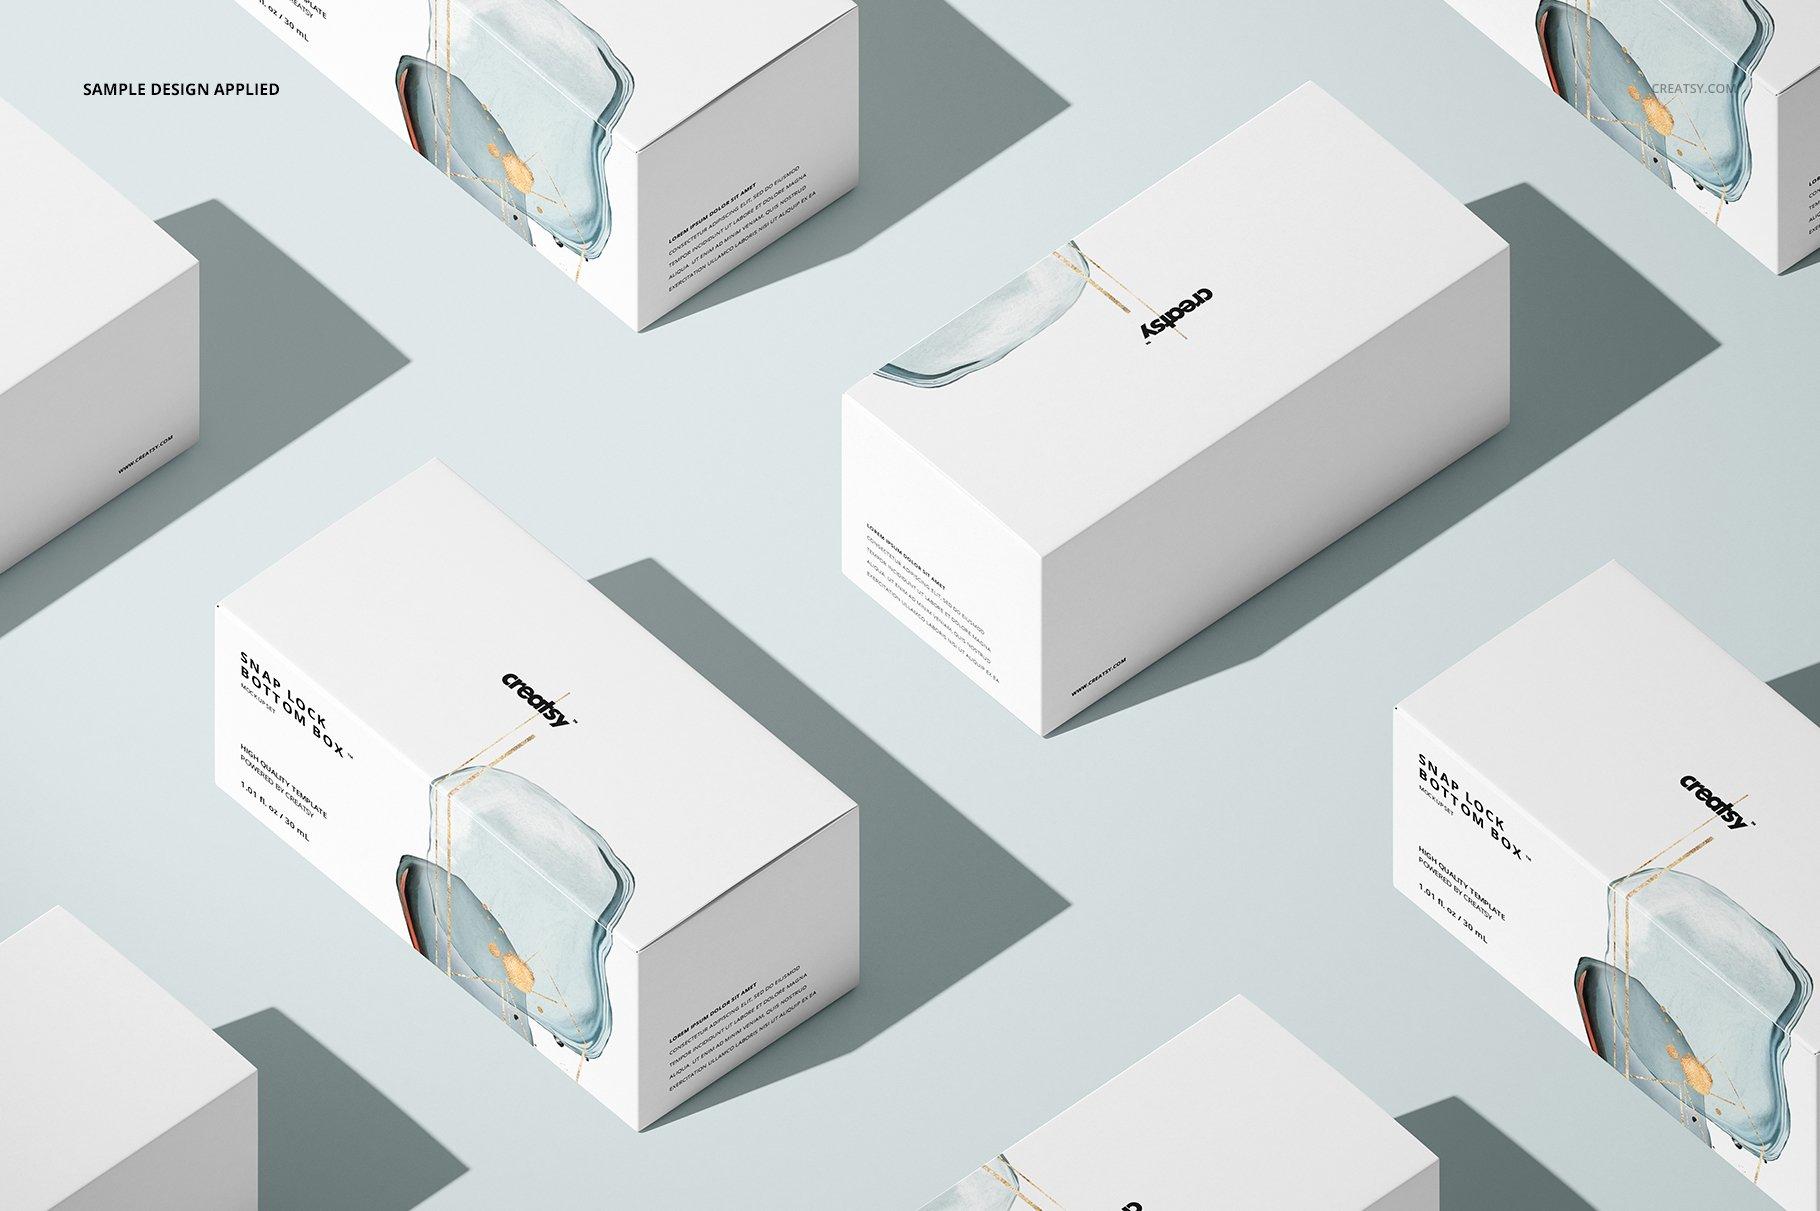 长矩形产品包装卡扣锁底纸盒样机集 Snap Lock Bottom Box Mockup Set插图(7)